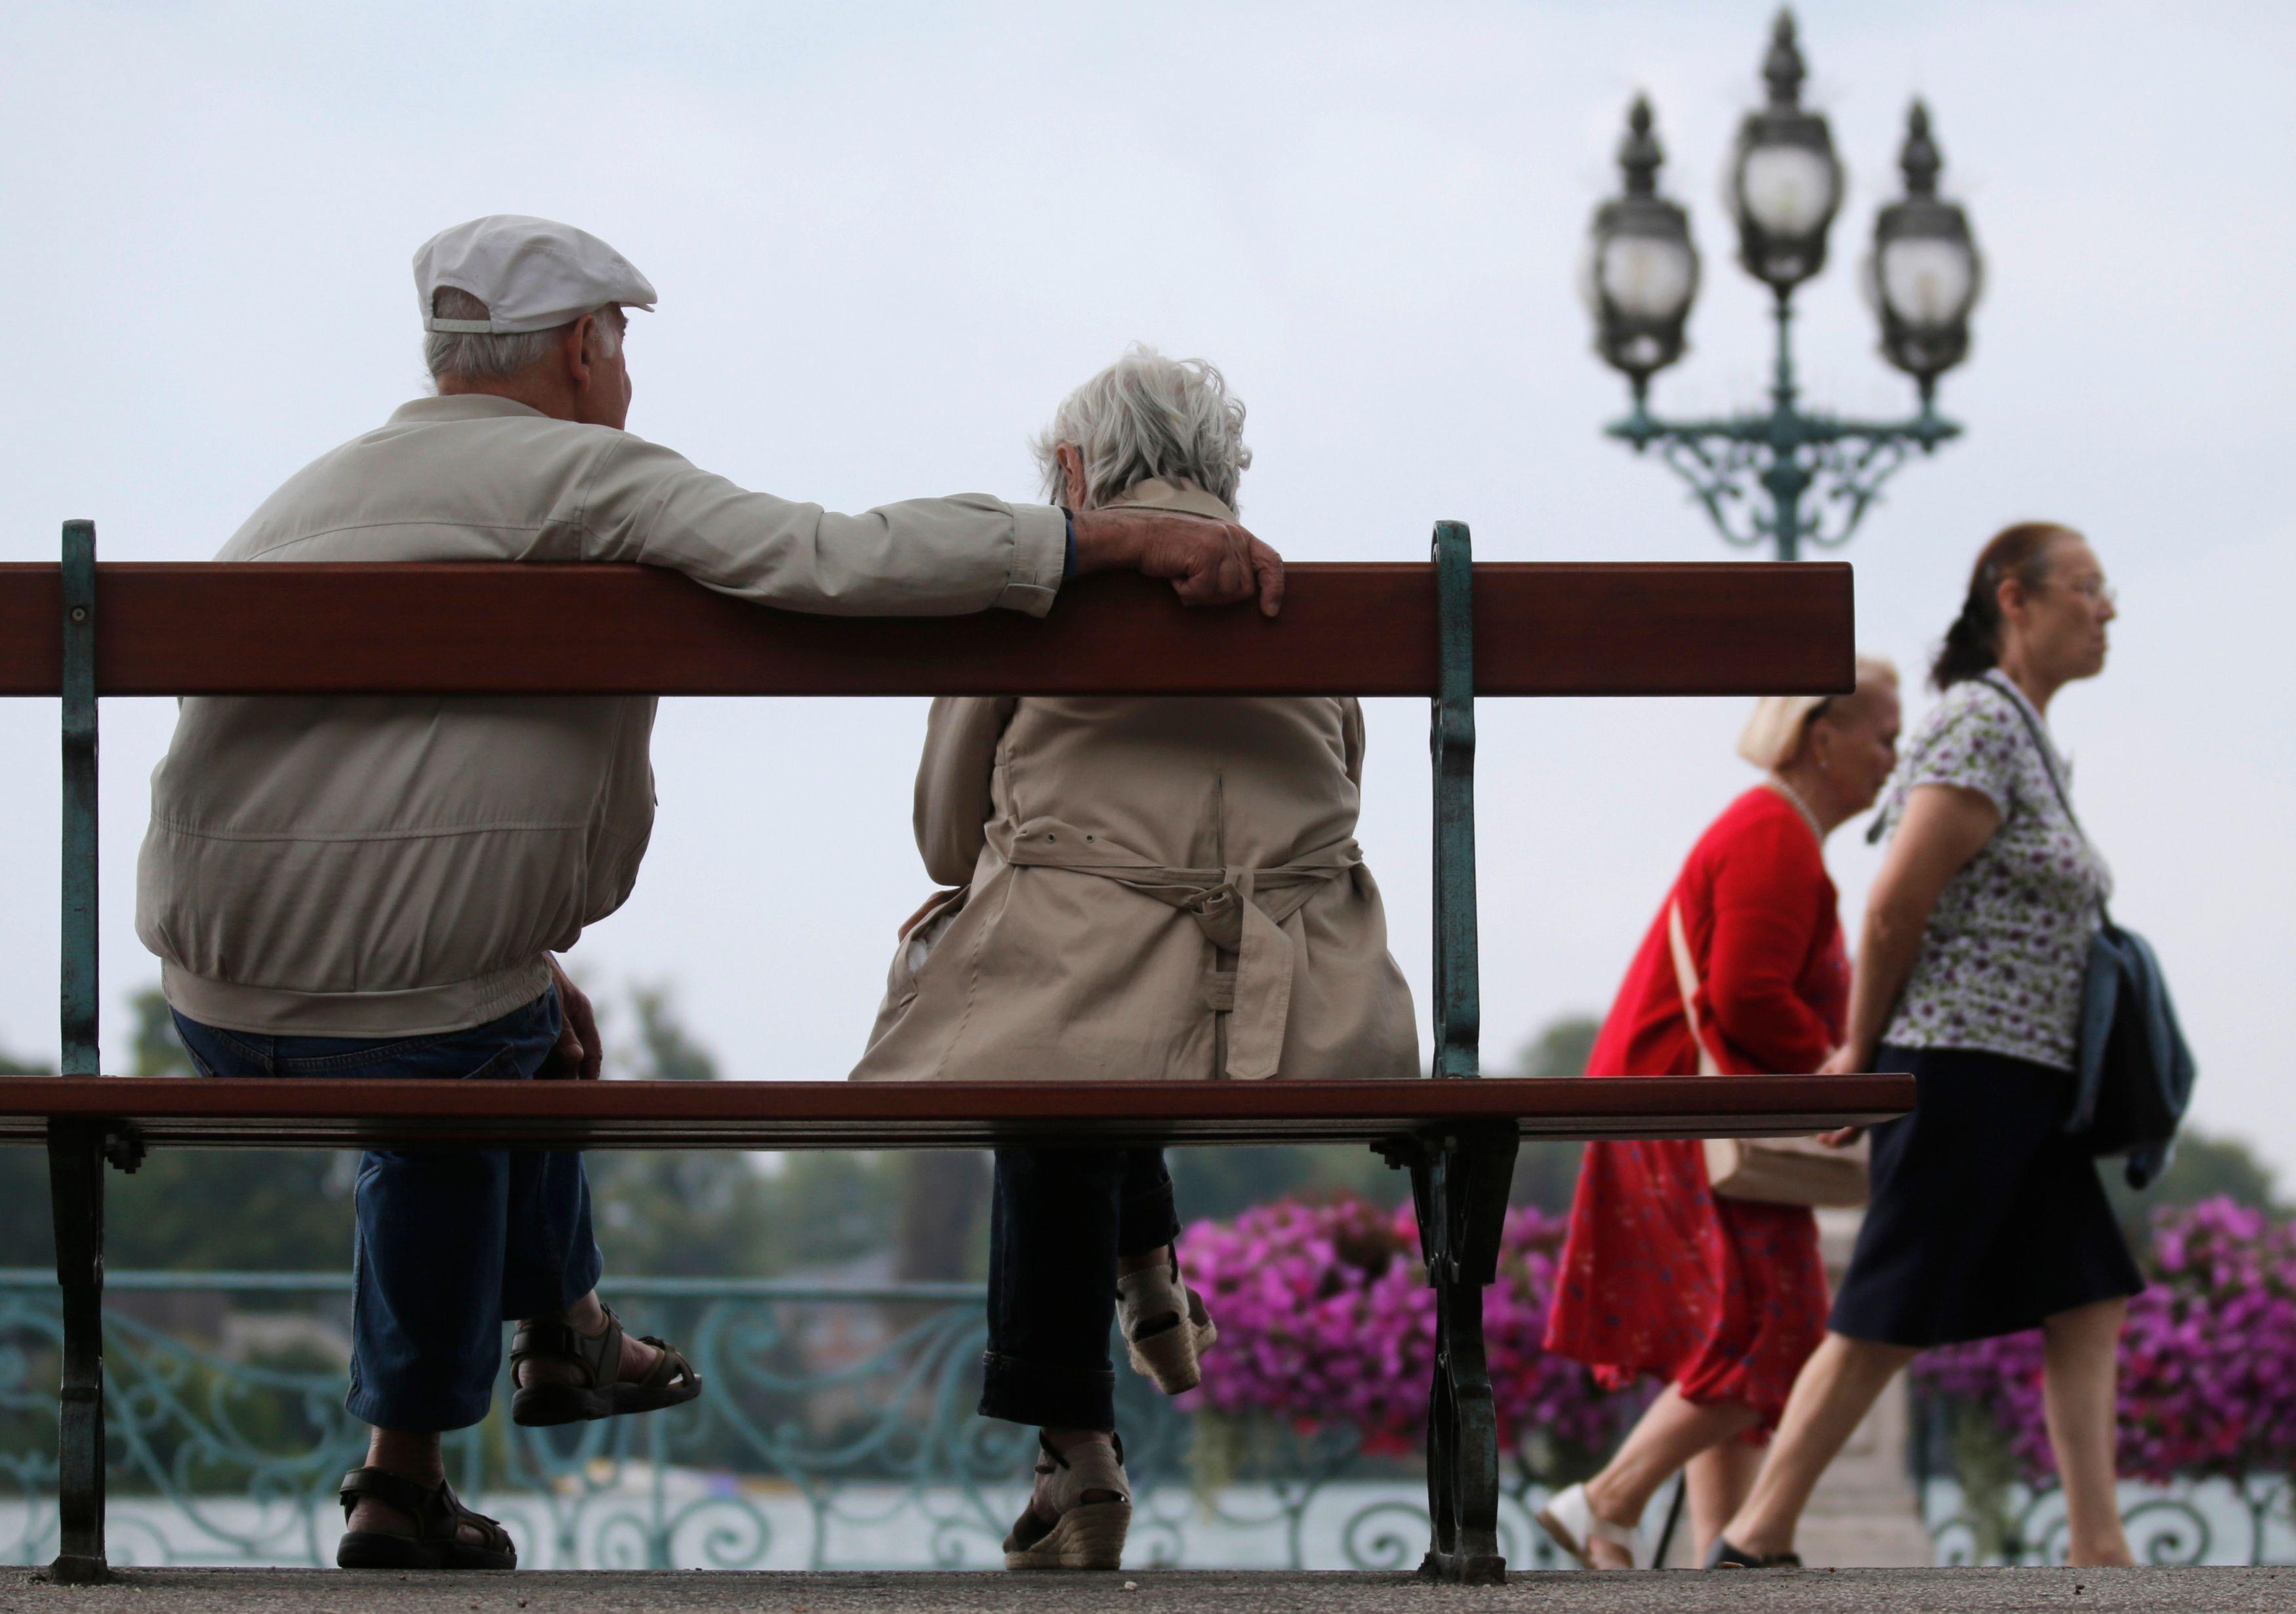 Réforme des retraites : Emmanuel Macron en marche vers la baisse des pensions